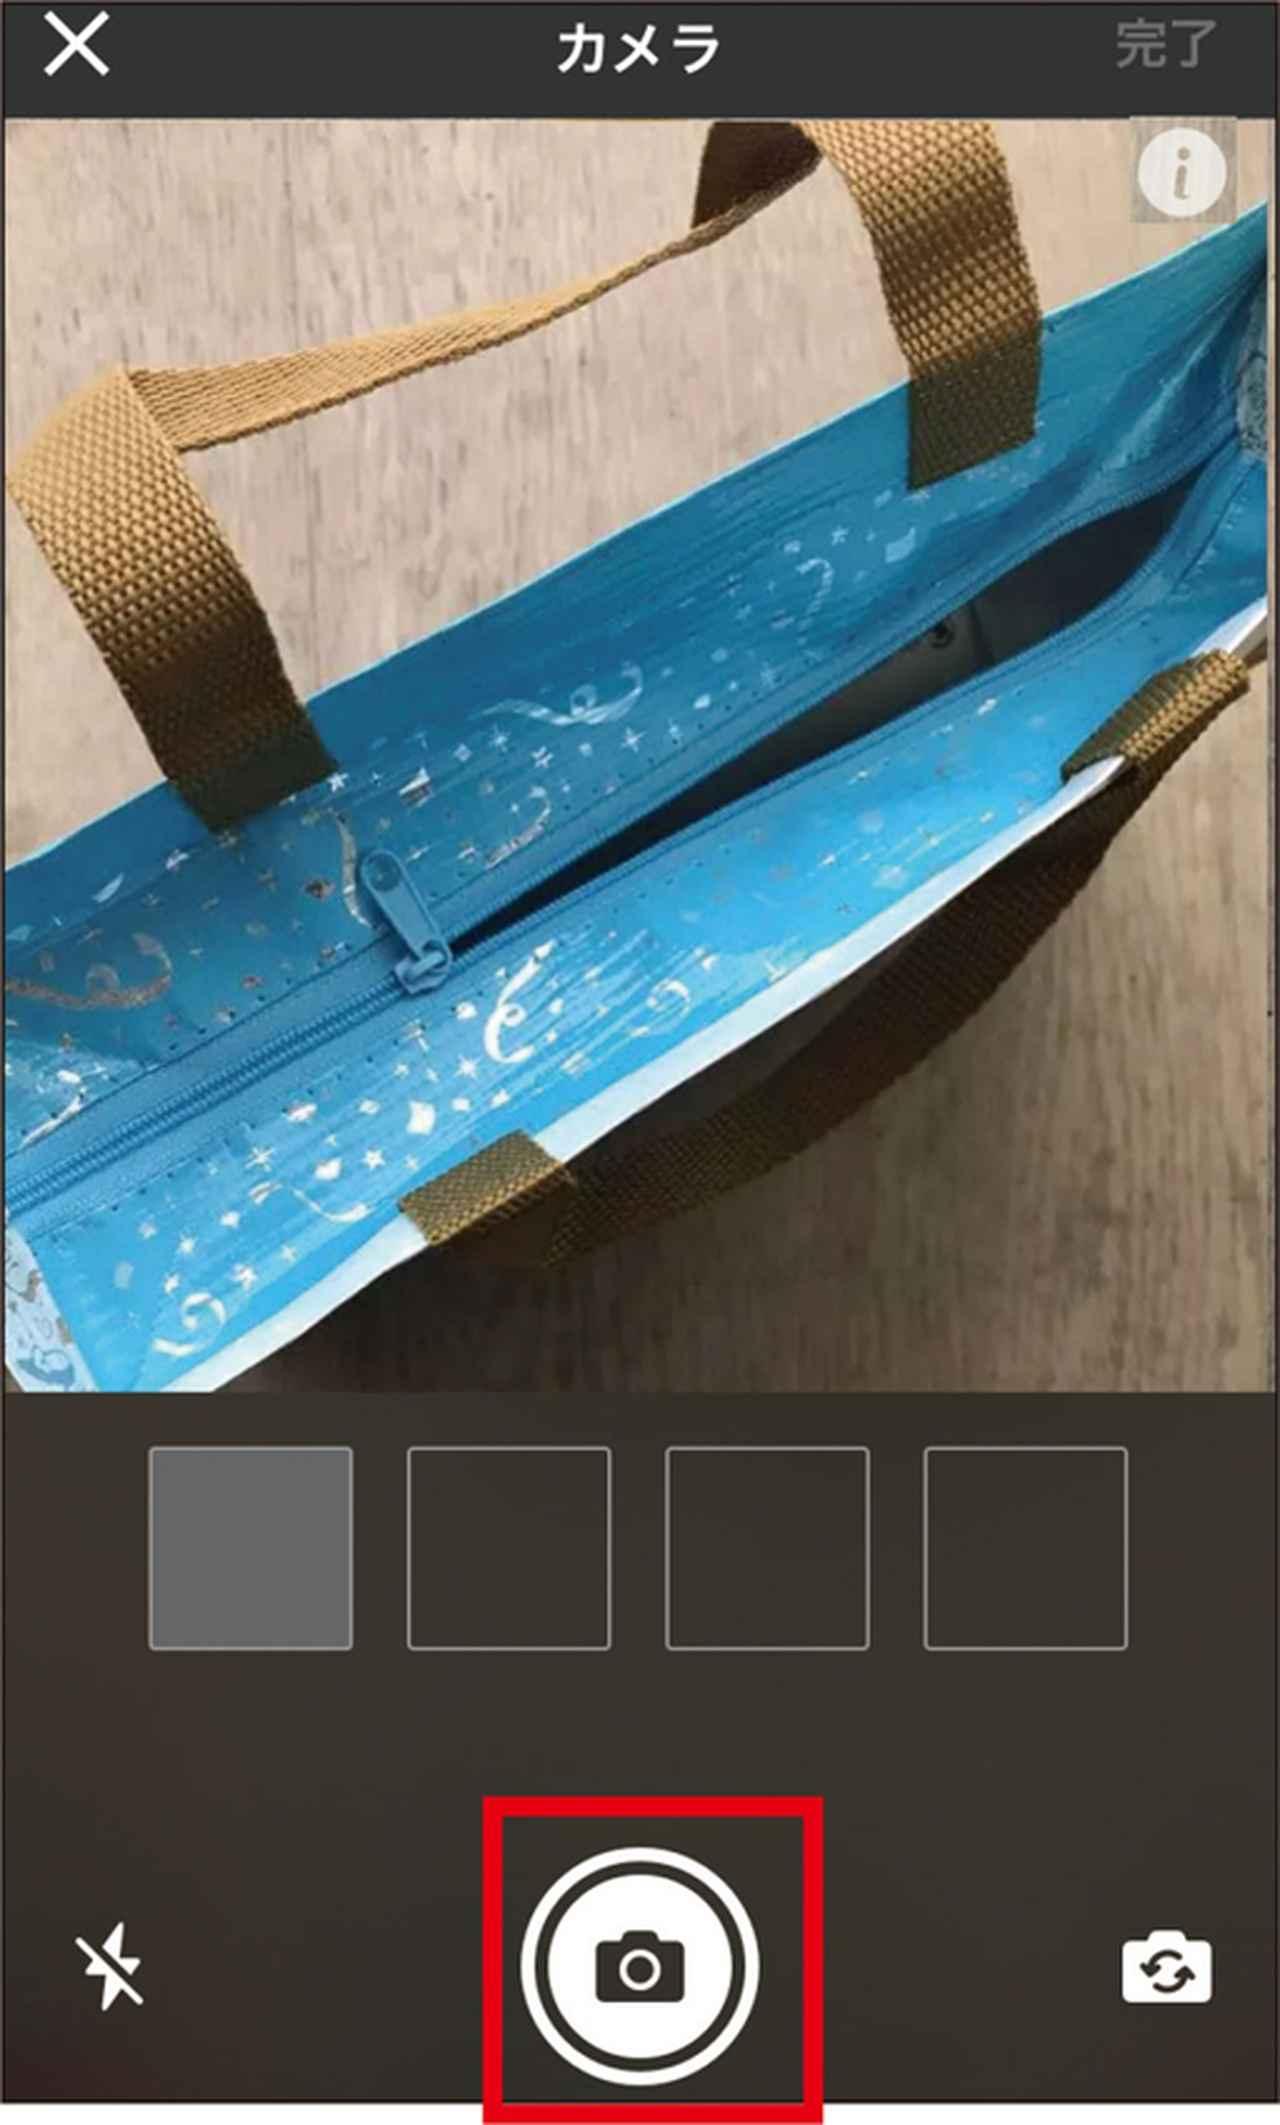 画像: アプリ内でカメラが起動する。アングルを変えて複数枚撮るといい。できるだけ明るい場所で撮るのがポイント。